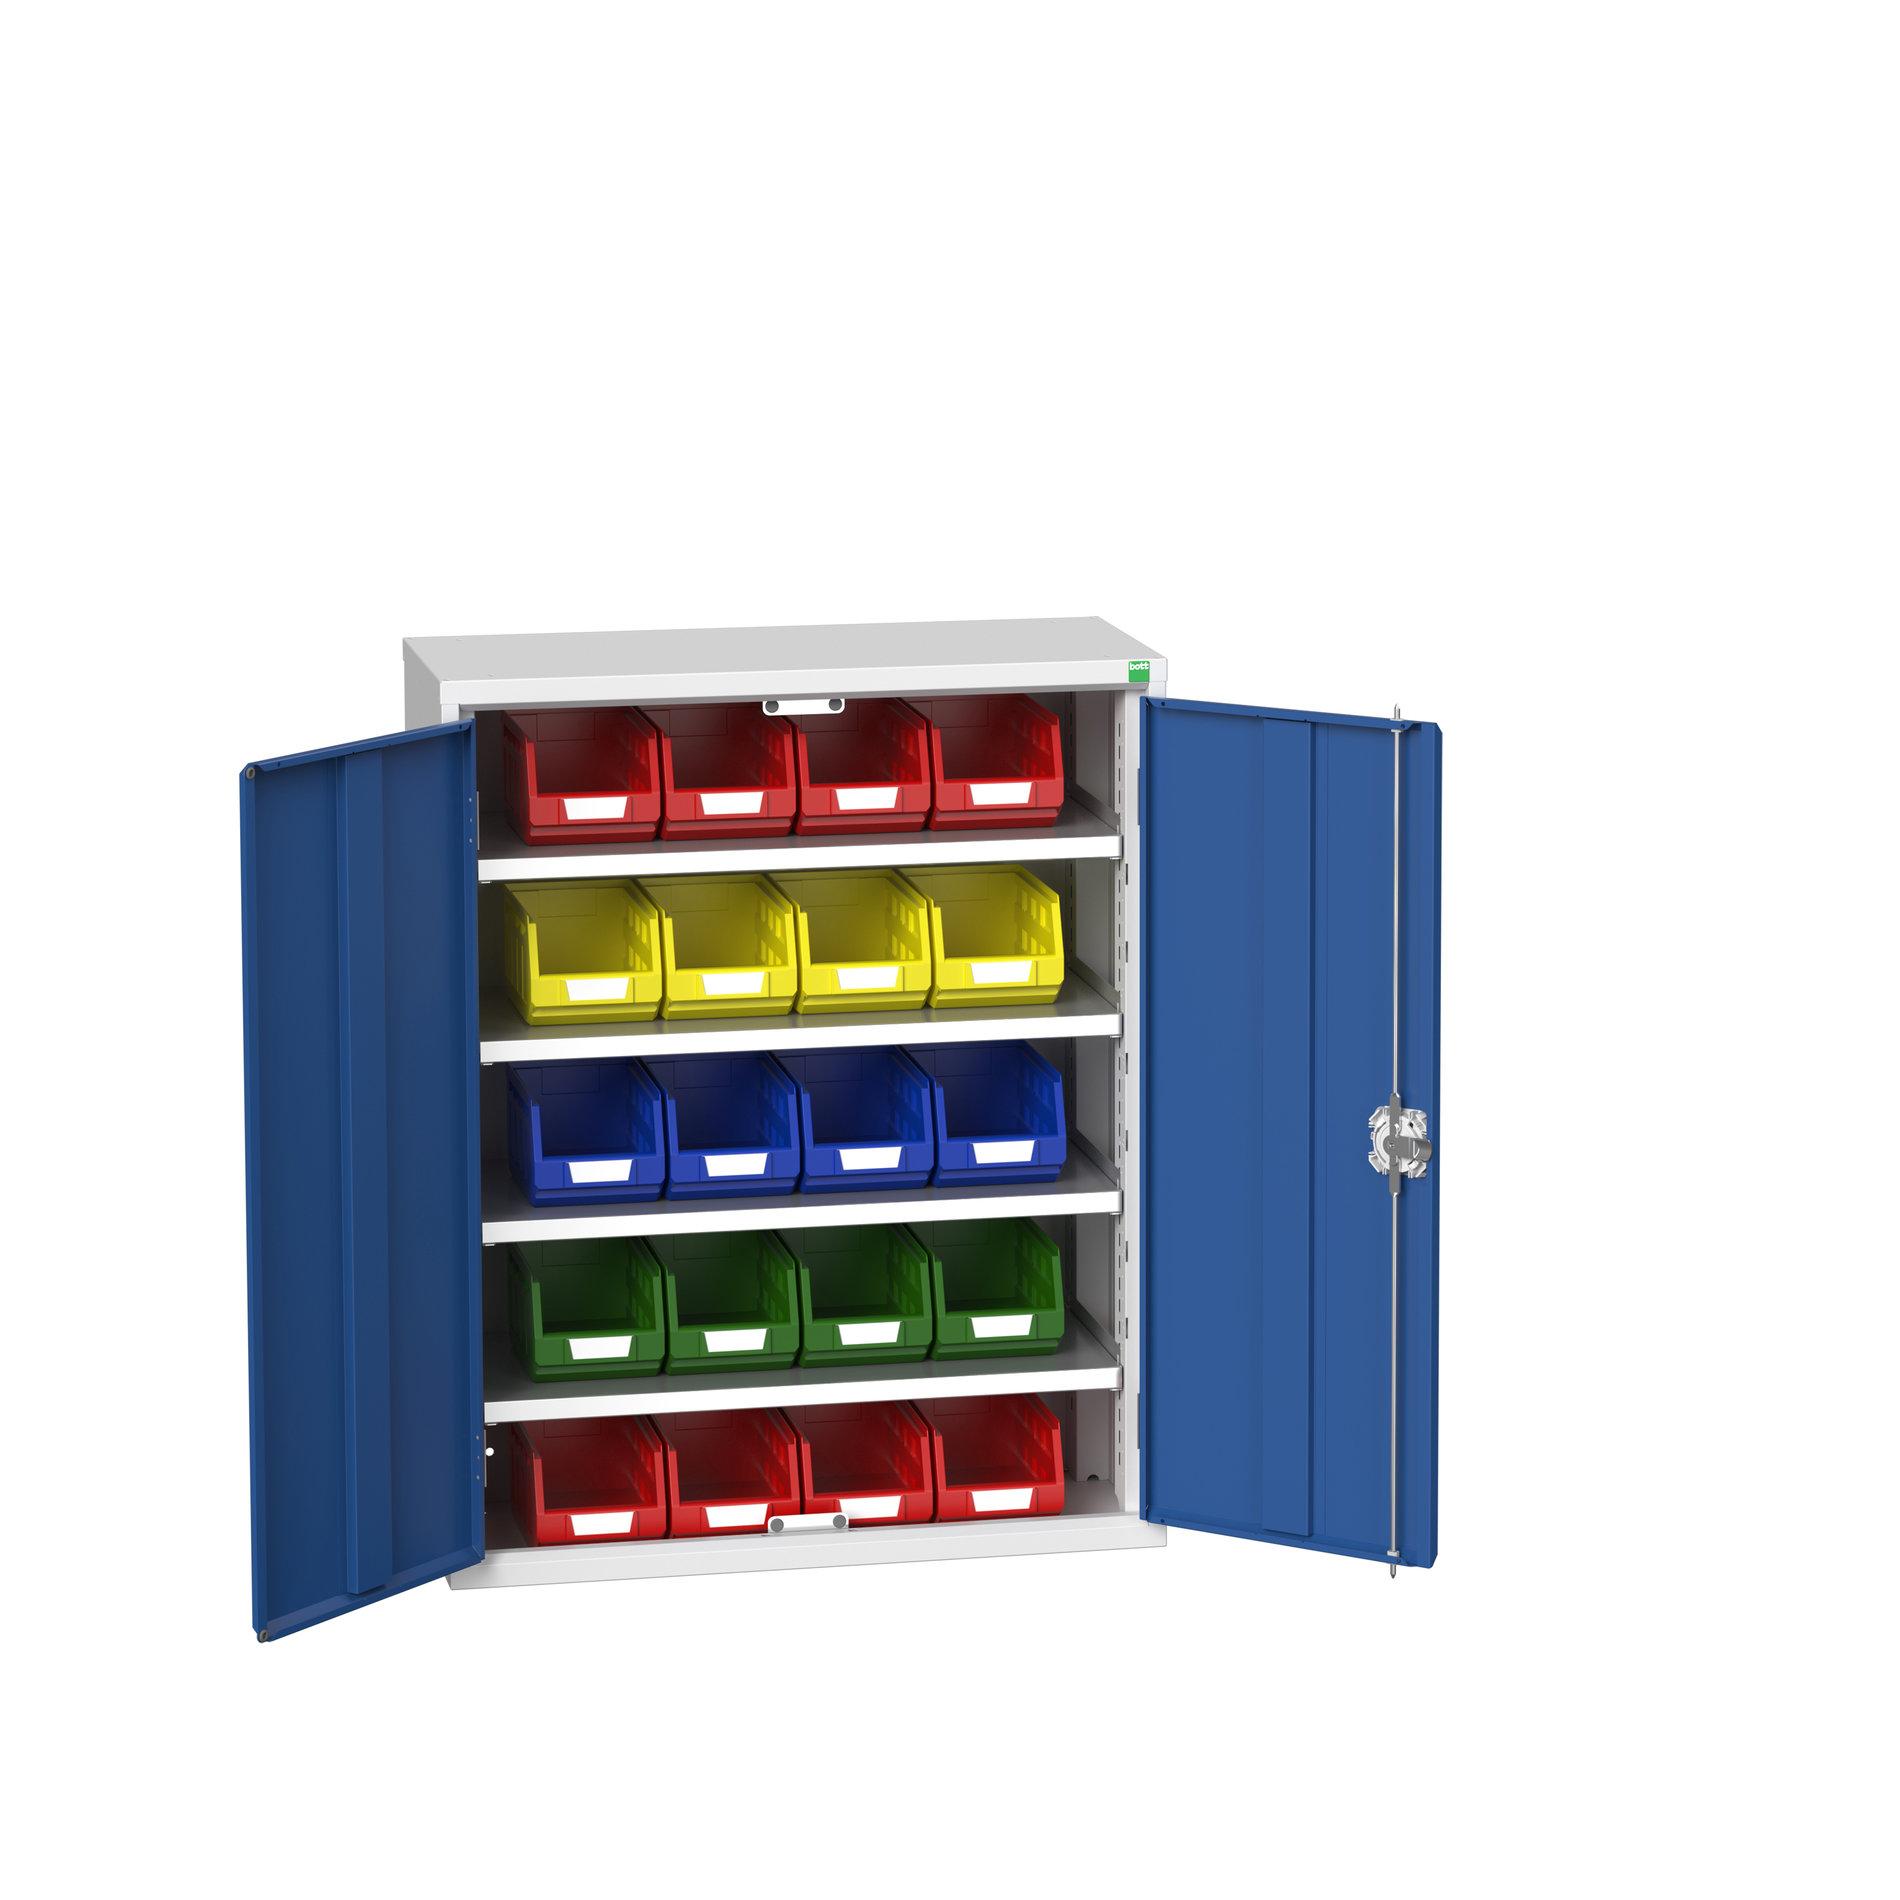 Bott Verso Bin Cupboard